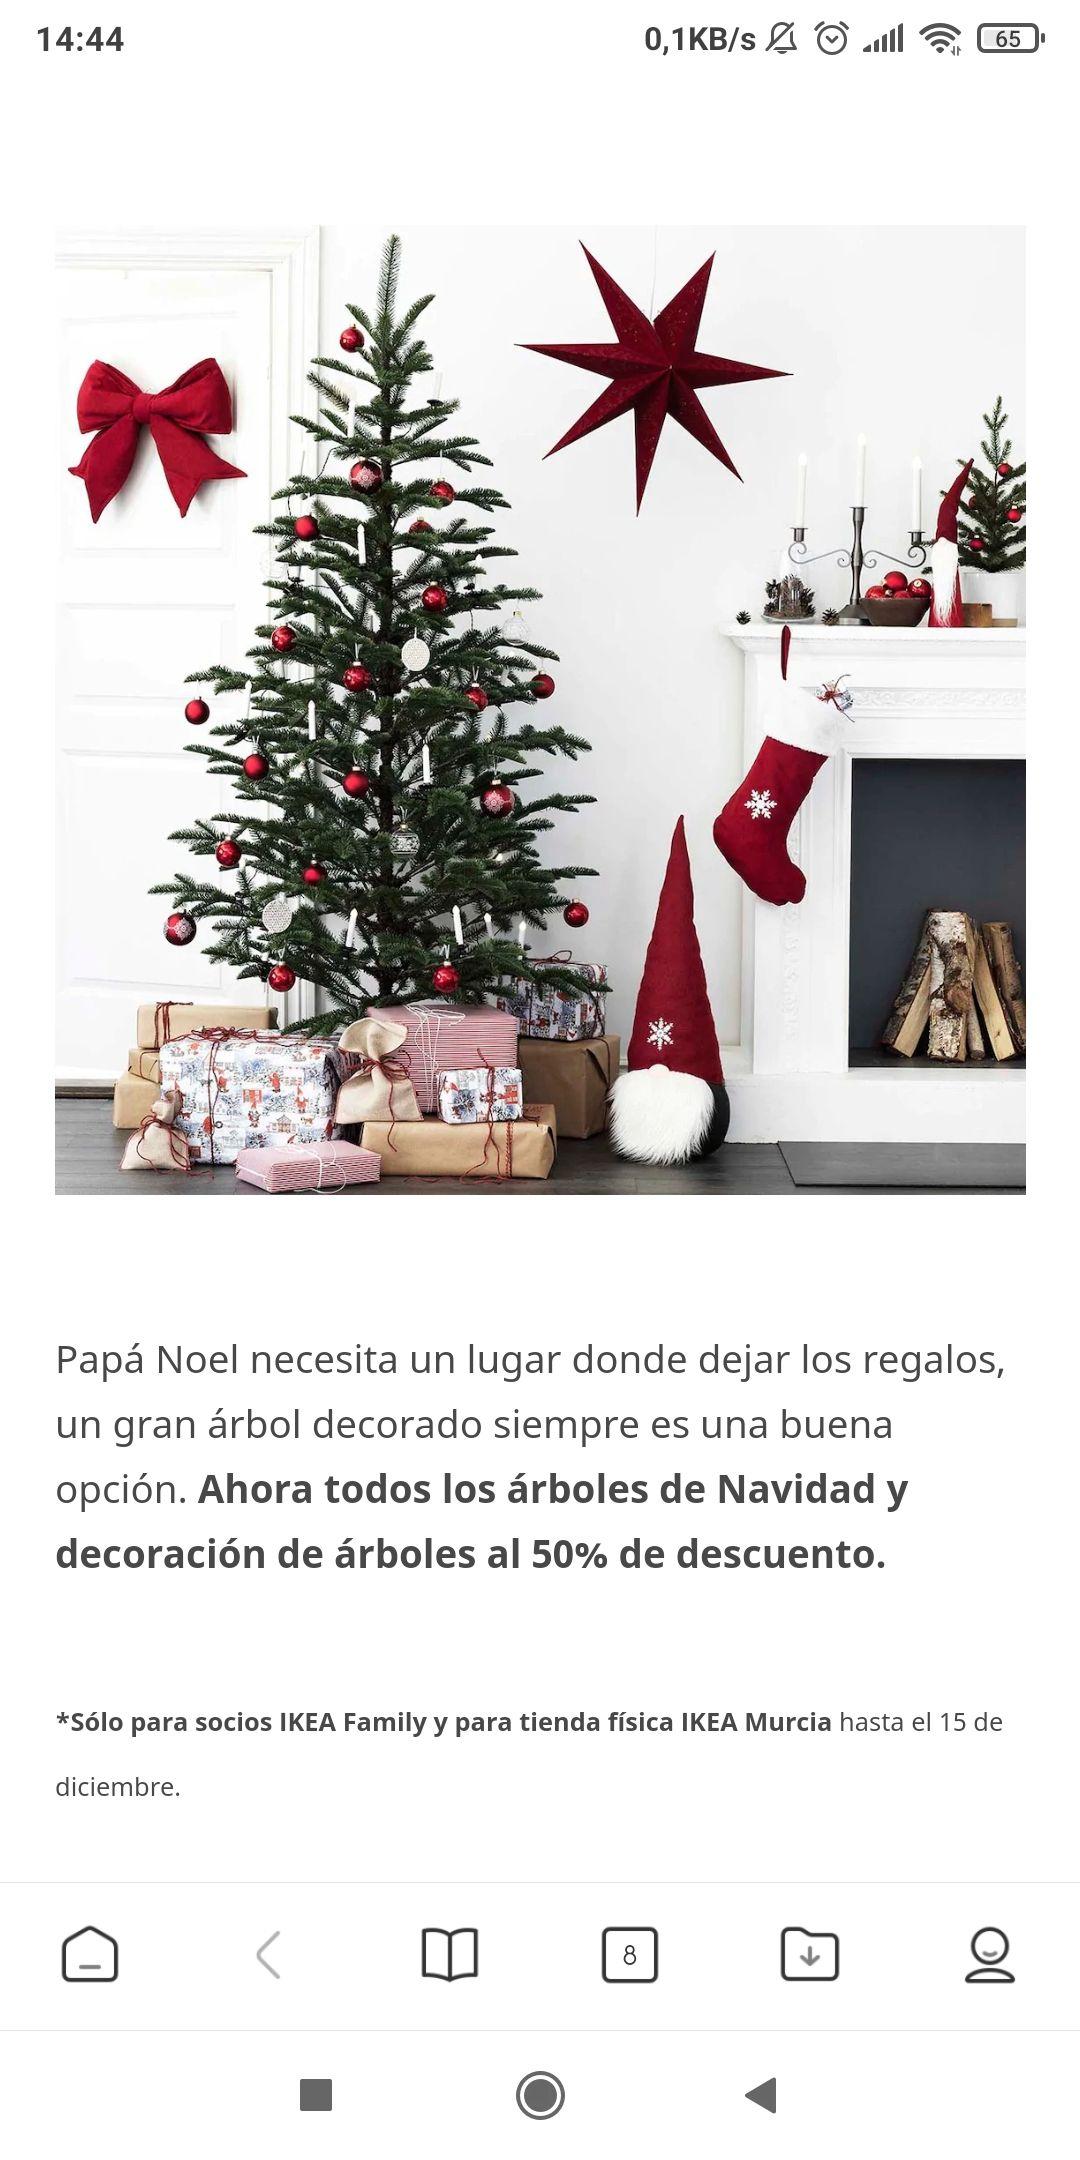 50% en todos los artículos de decoración de navidad (Ikea Murcia)